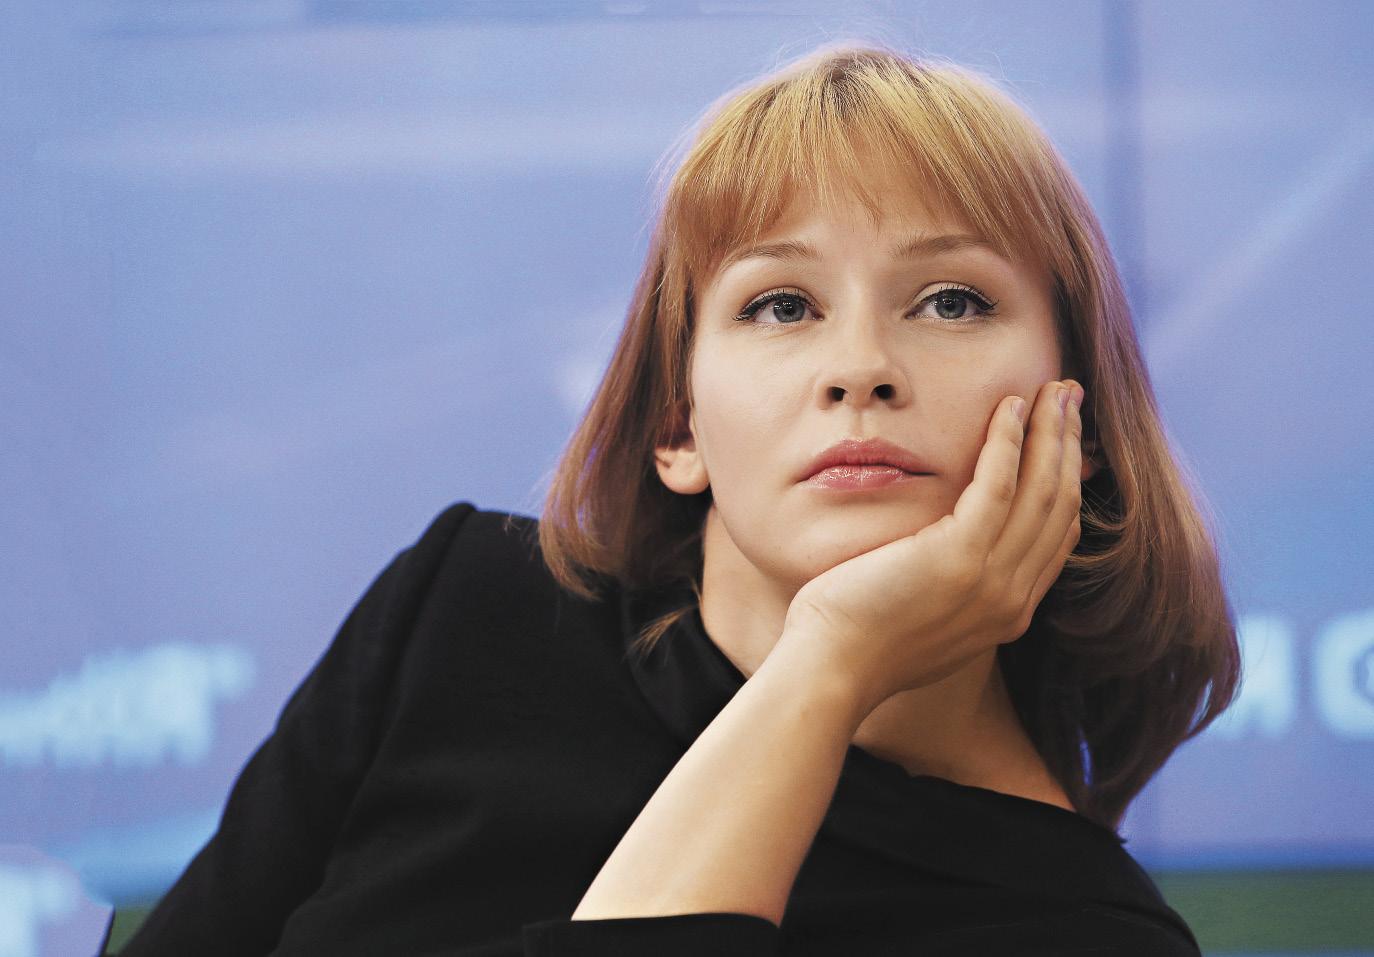 Юлия Пересильд украсила первую обложку глянца без ретуши